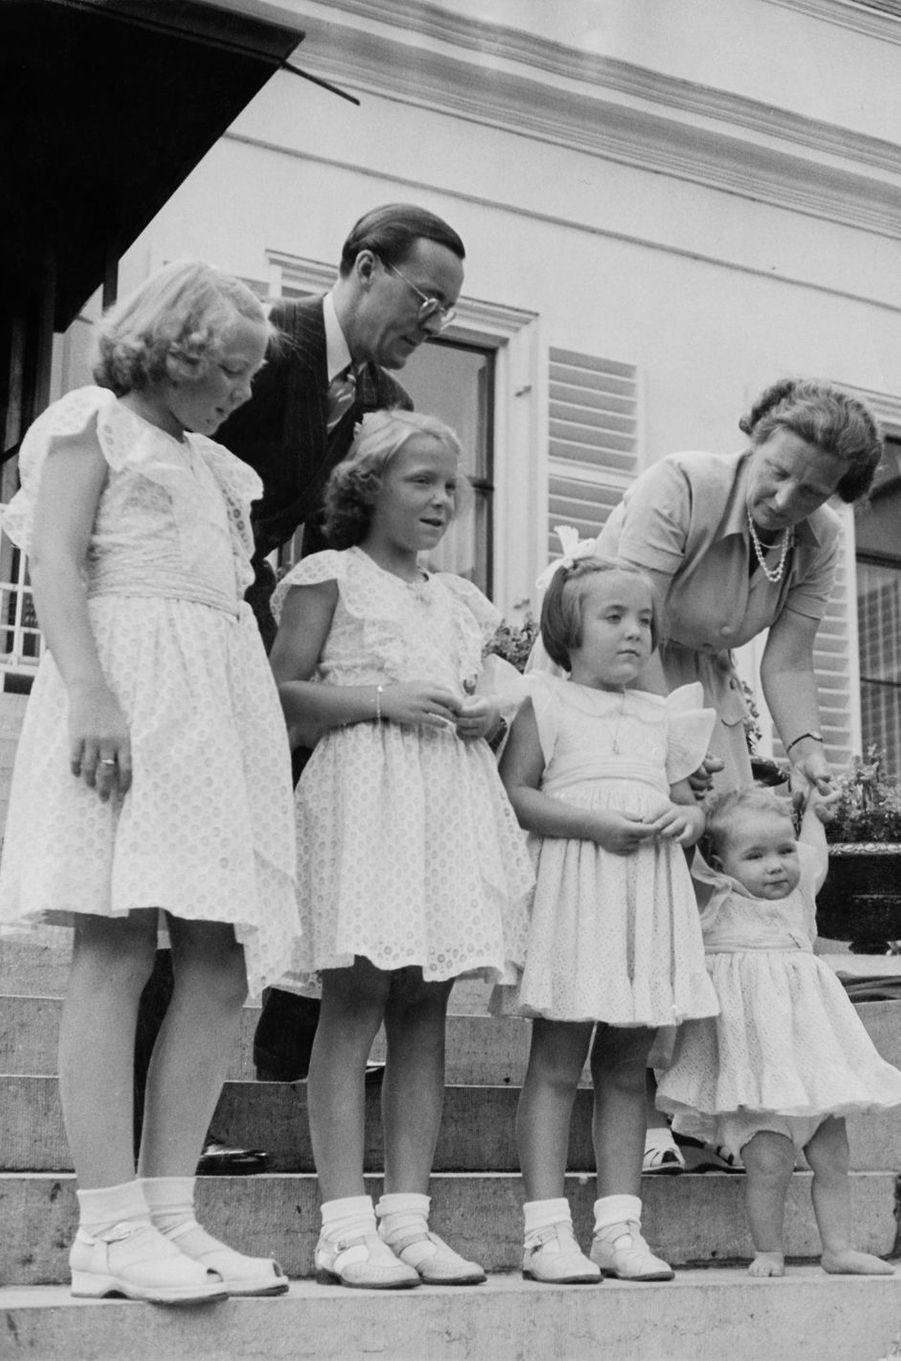 La princesse Margriet des Pays-Bas avec ses parents et ses trois soeurs, le 5 août 1948